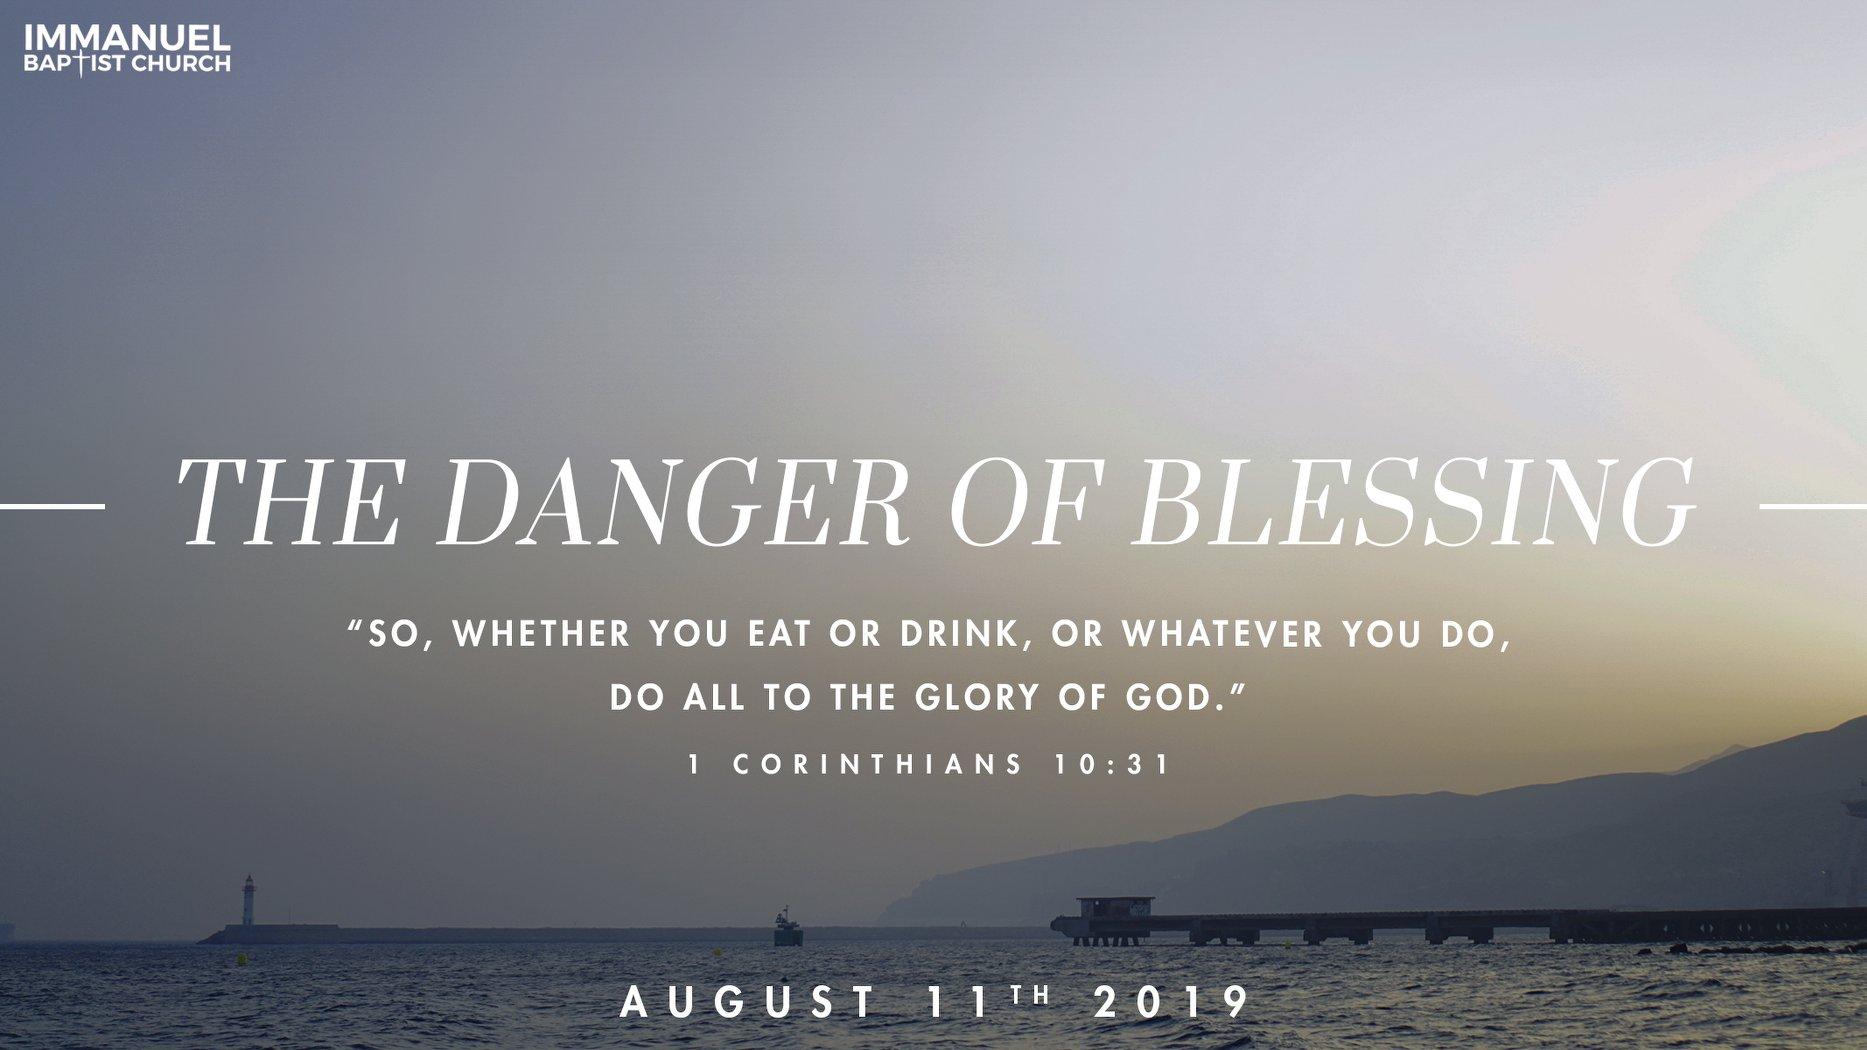 The Danger of Blessing